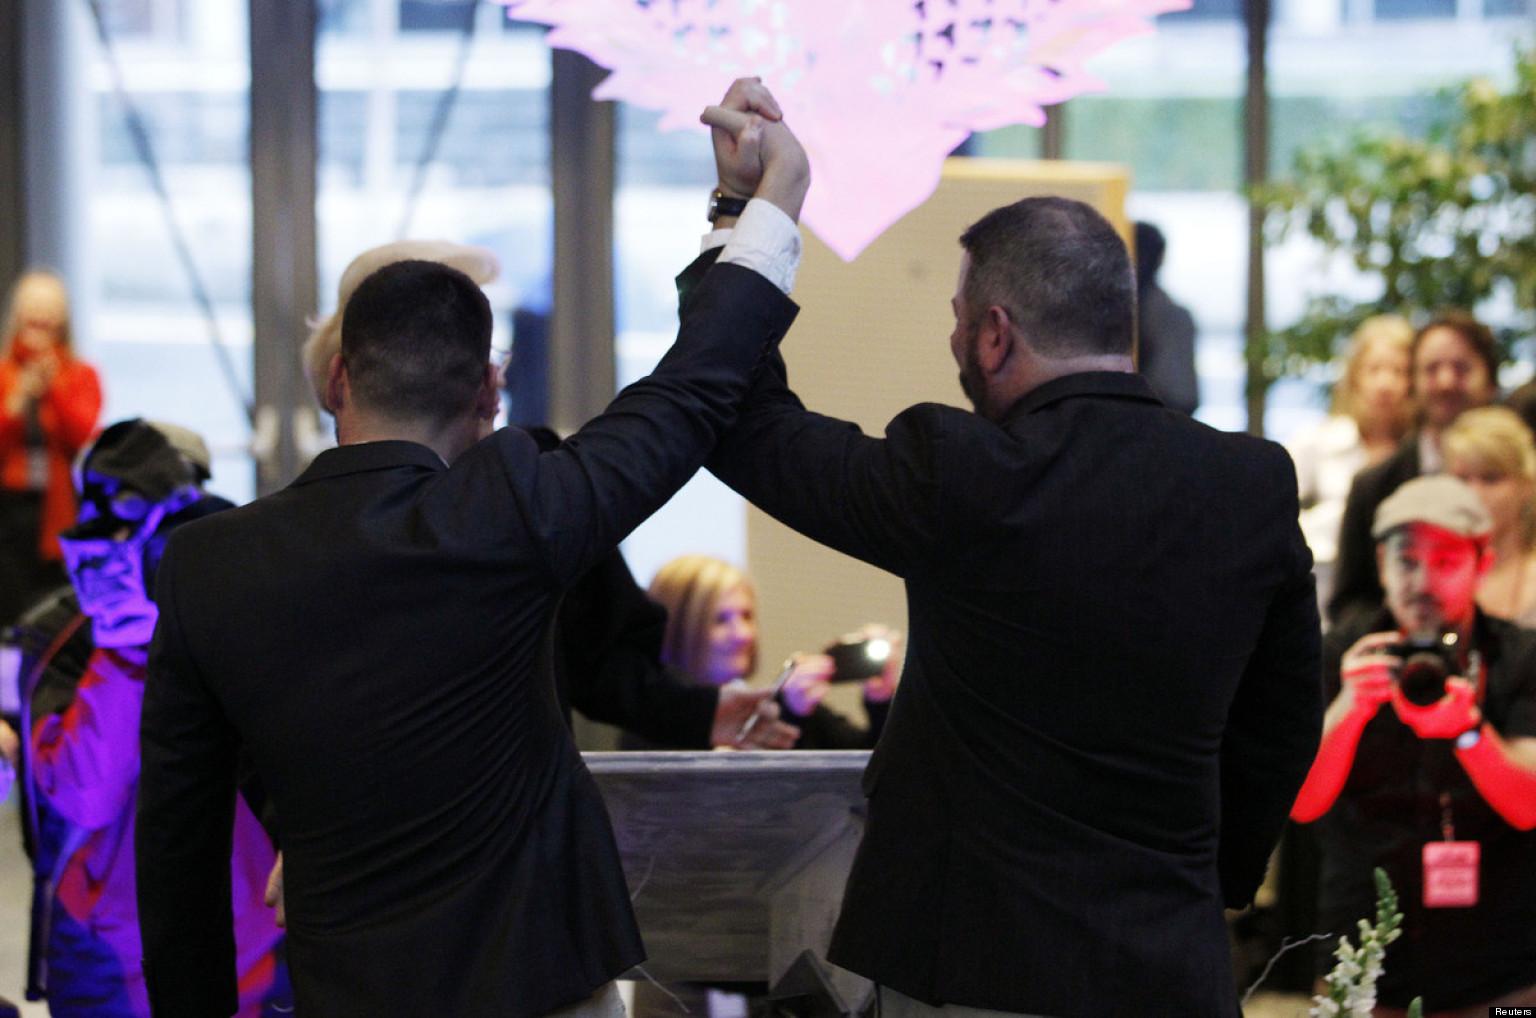 Matrimonio Gay In Usa : Matrimoni gay in gran bretagna vietati solo per gli